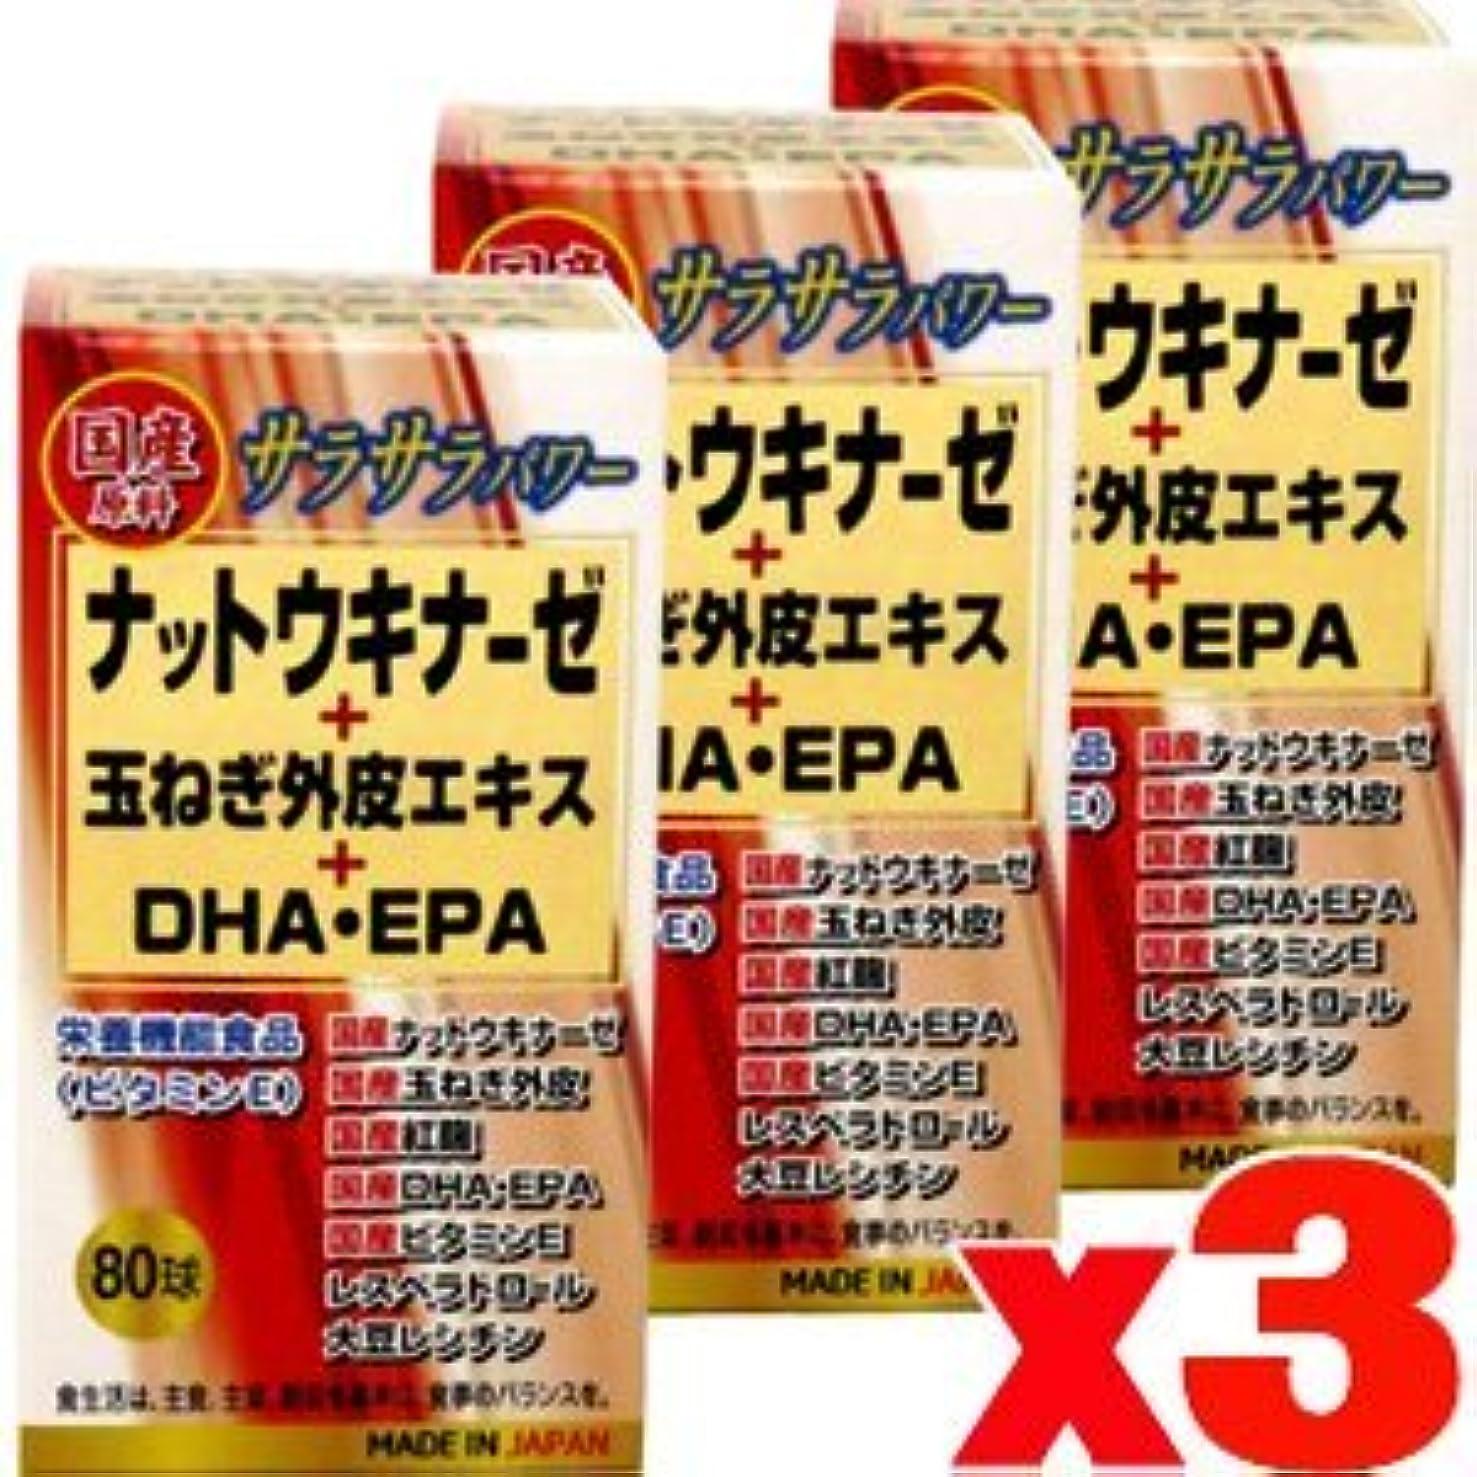 過ち組み合わせる定刻【3個】ユウキ製薬 ナットウキナーゼ+玉ねぎ外皮エキス+DHA?EPA 80球x3個(4524326202109)